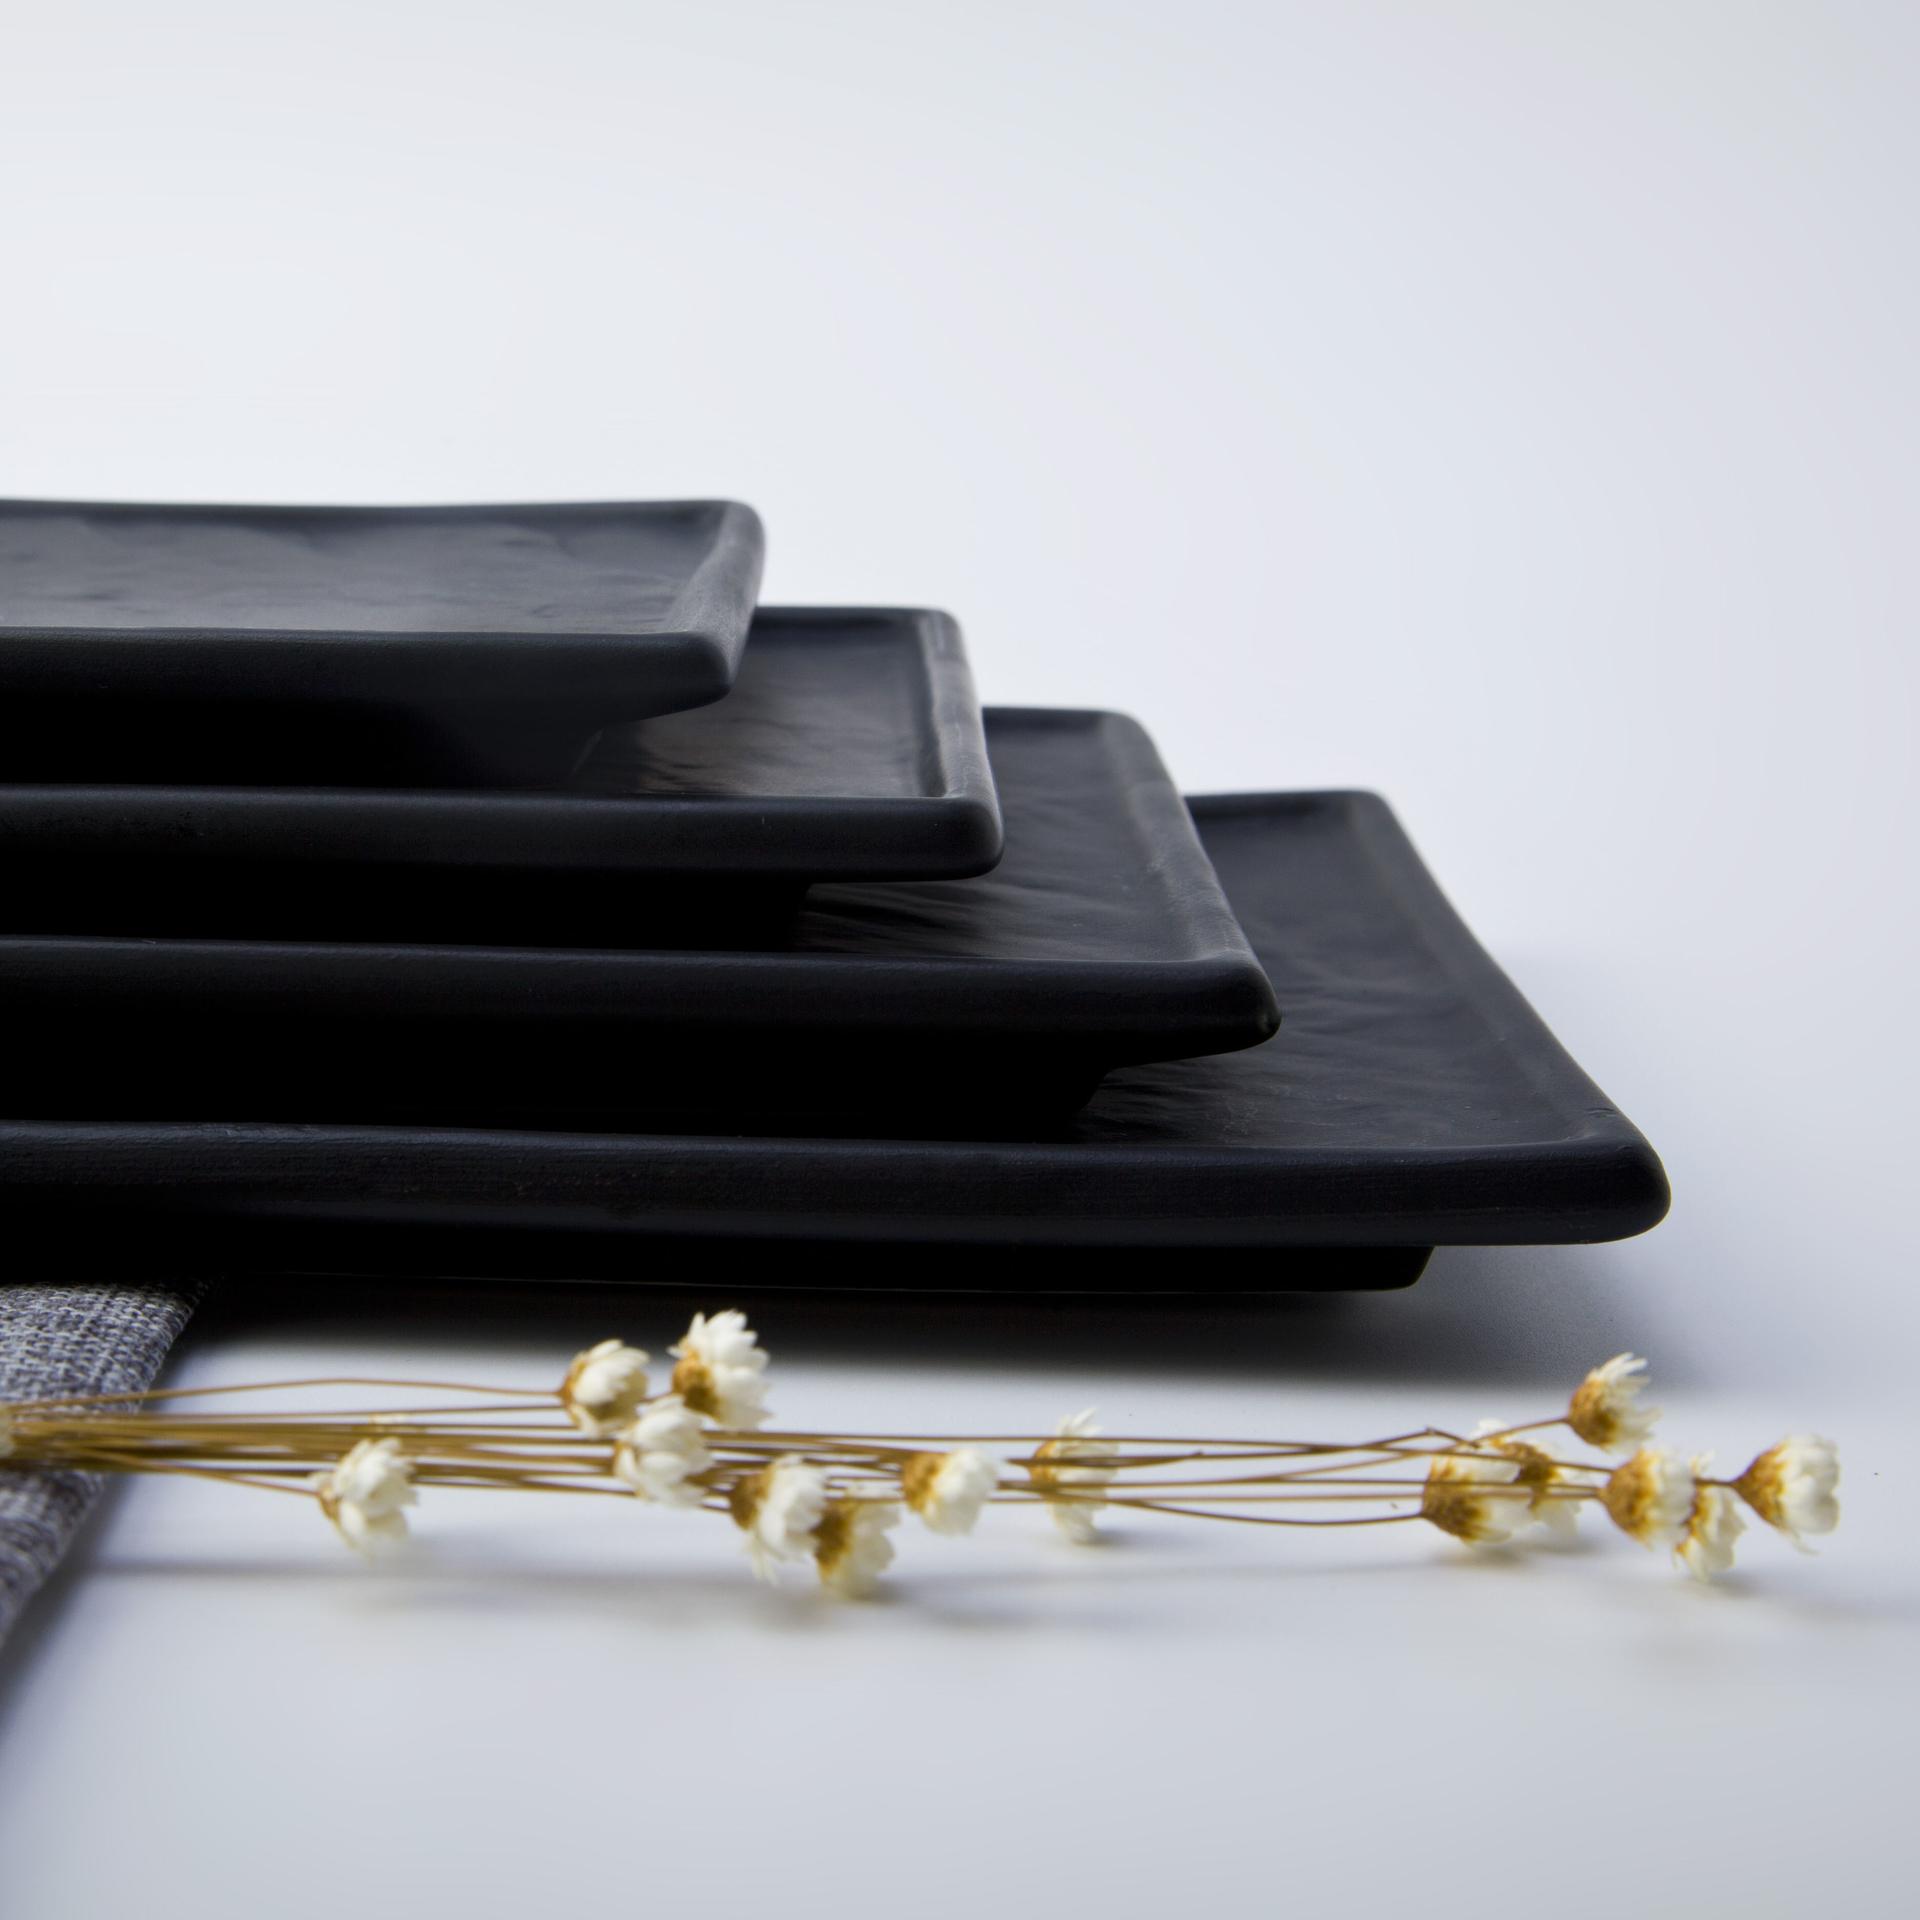 Plate For Restaurant Japanese Style Plates, Hotel Best Seller Sushi Plate Dinner Set, Restaurant Black Rectangular Plates/